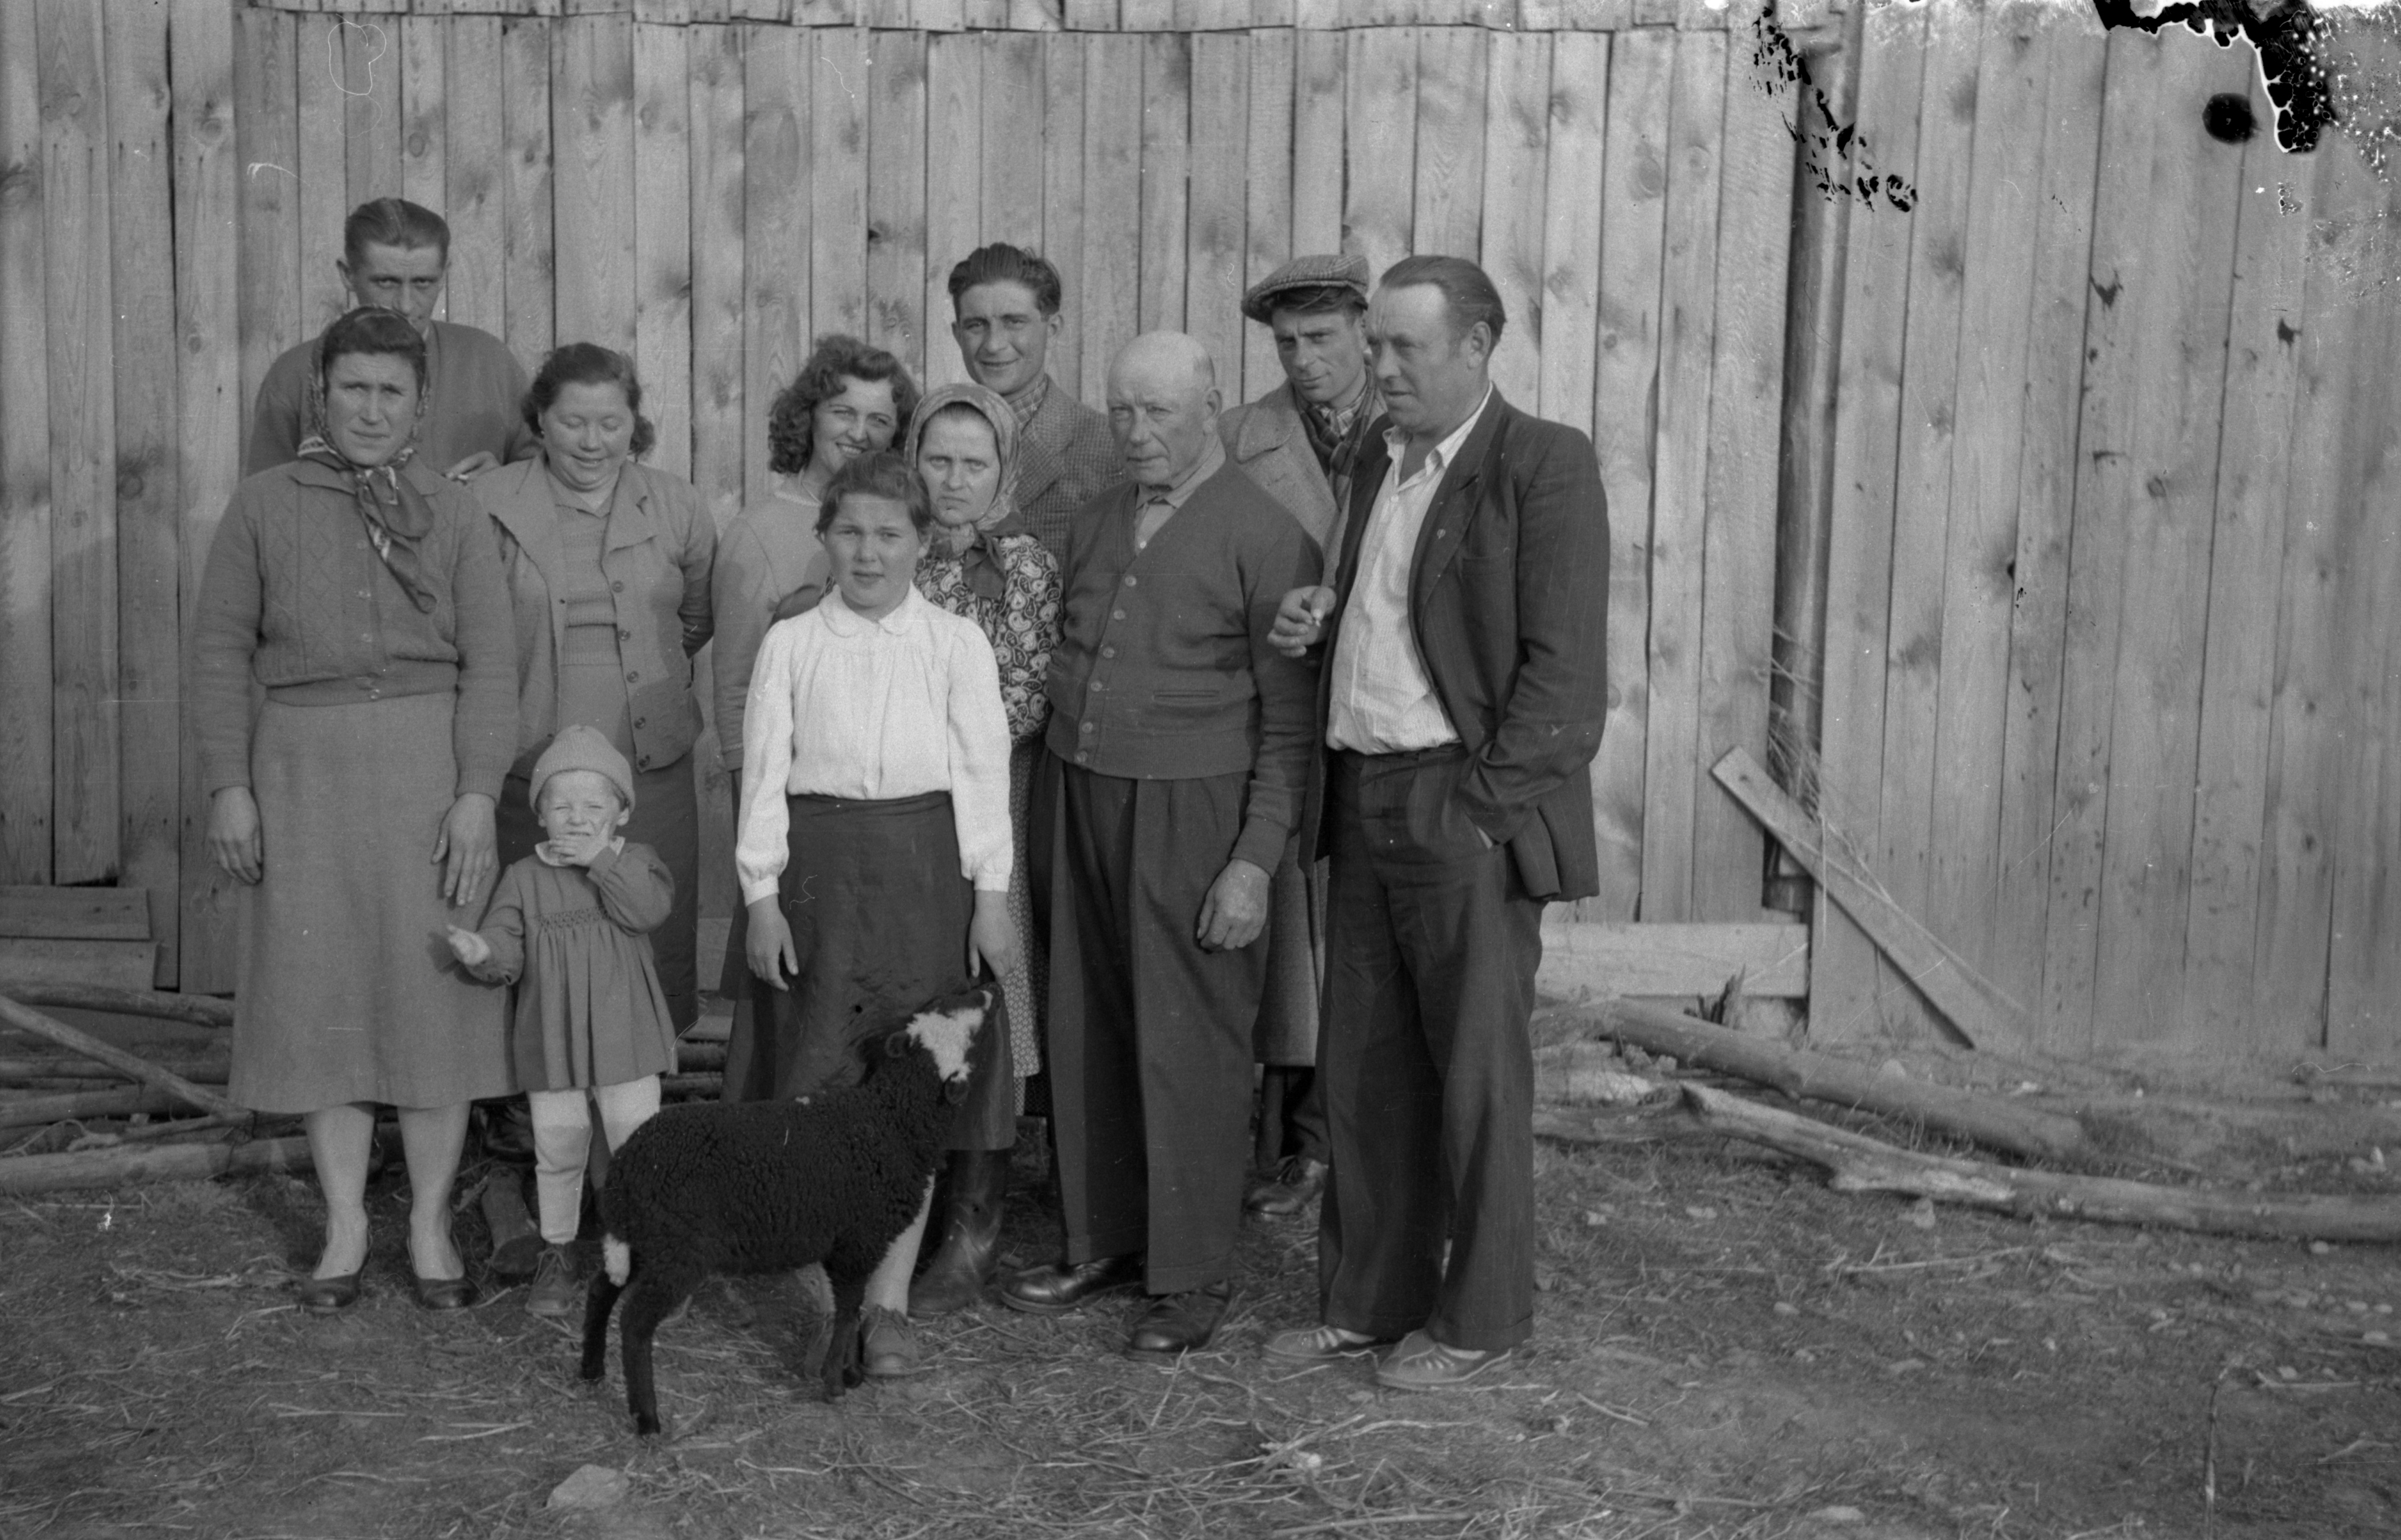 Rodzina Kubajów. Spotkanie członków rodziny z Syberii, Francji i Polski, Brzózka, Dolny Śląsk, lata 50. XX w.